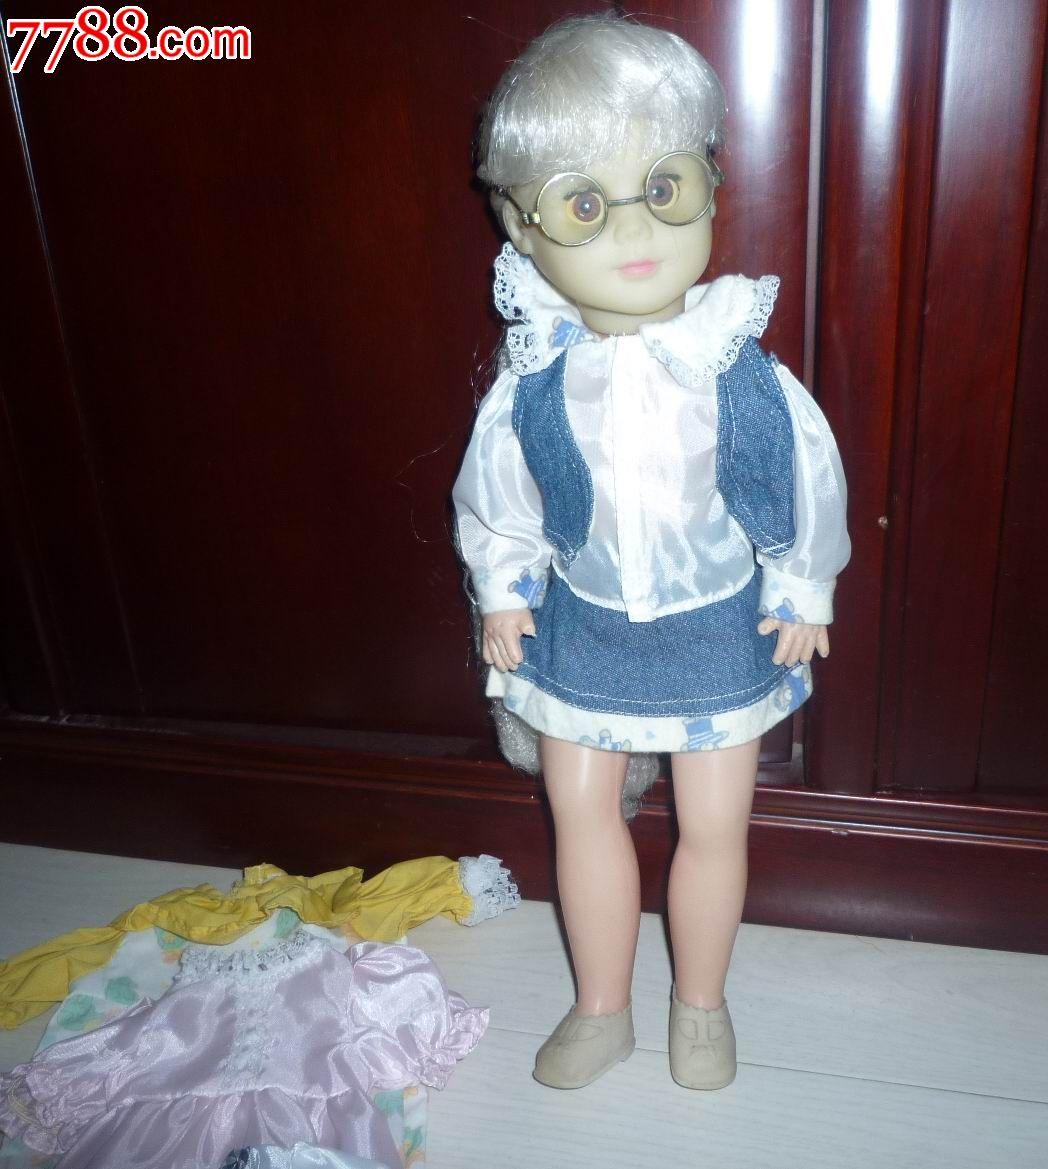 怀旧经典收藏老式胶皮戴眼镜可爱小女孩娃娃玩具